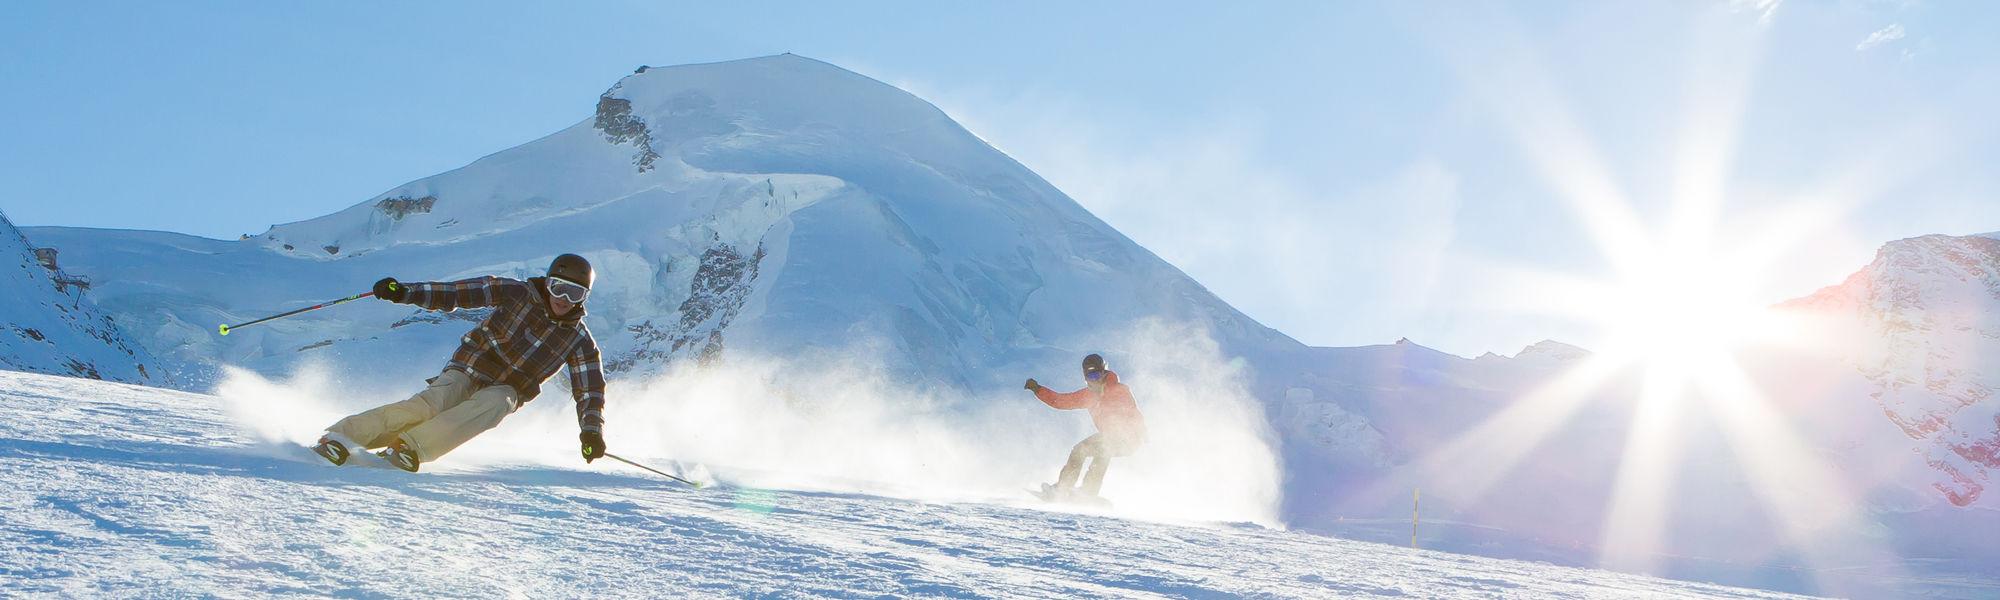 Skitest in der Freien Ferienrepublik Saas-Fee